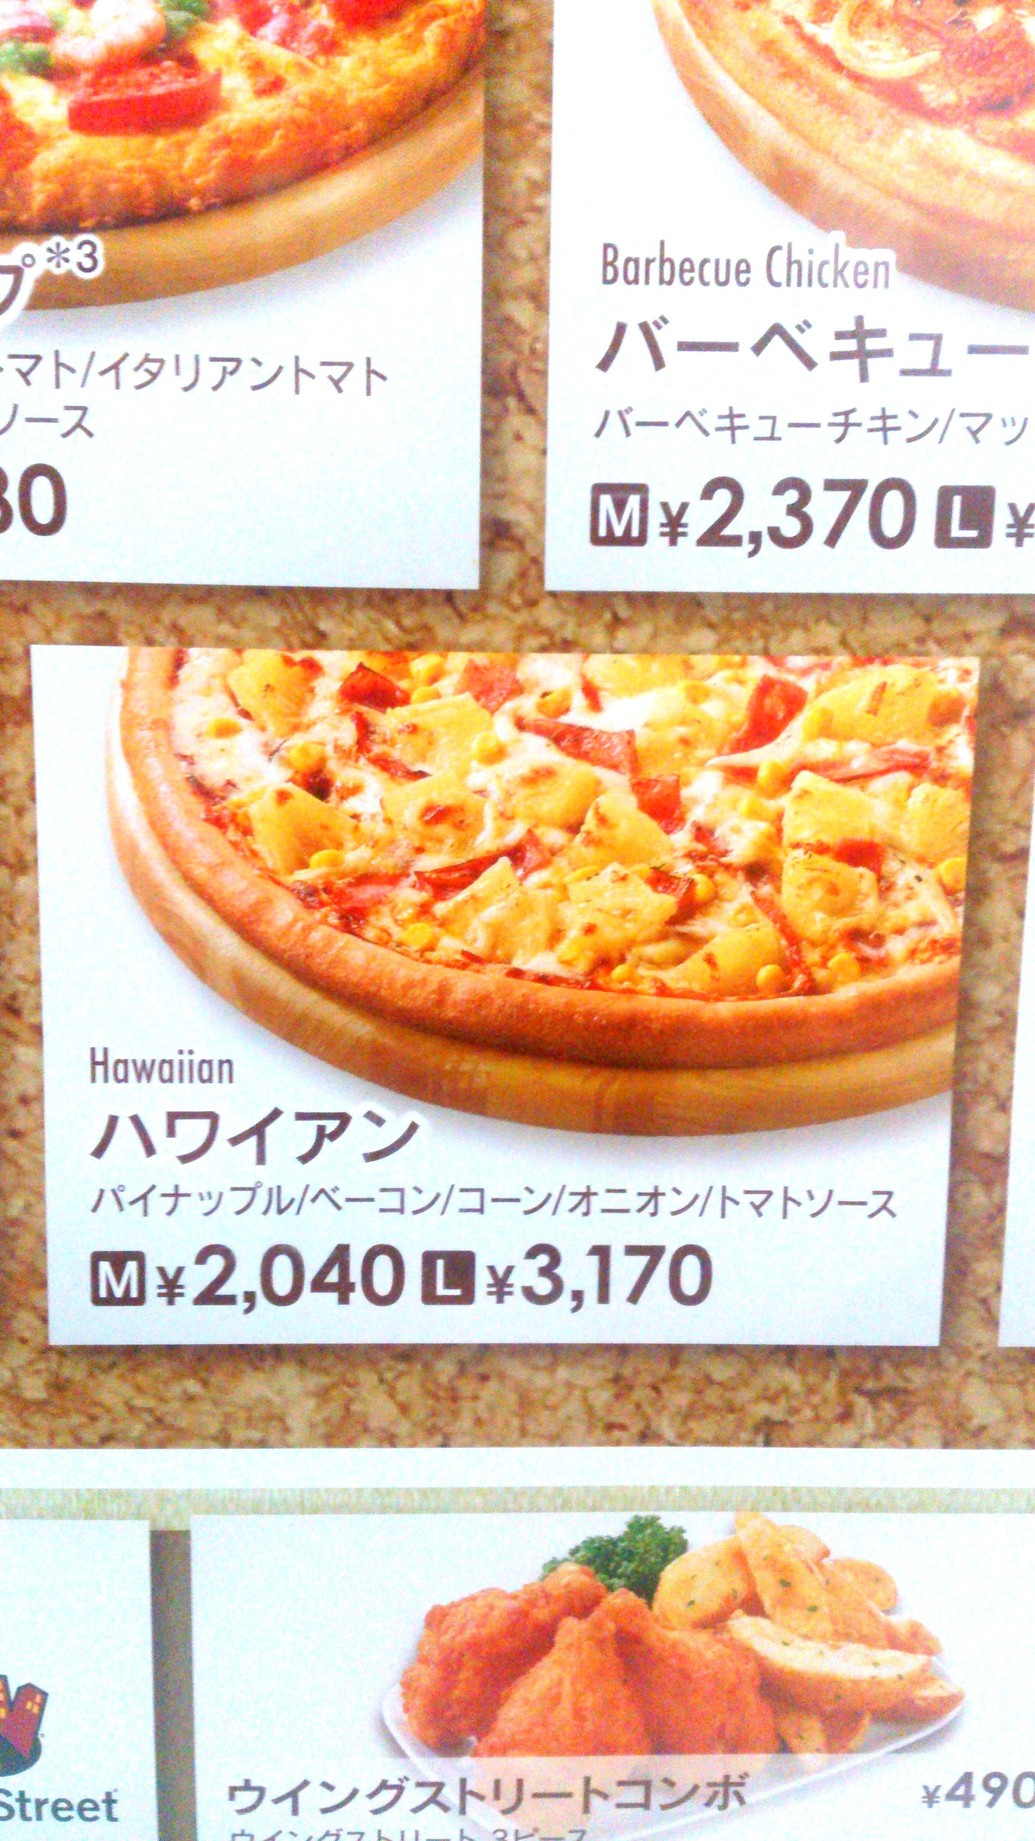 ピザハット 永和店